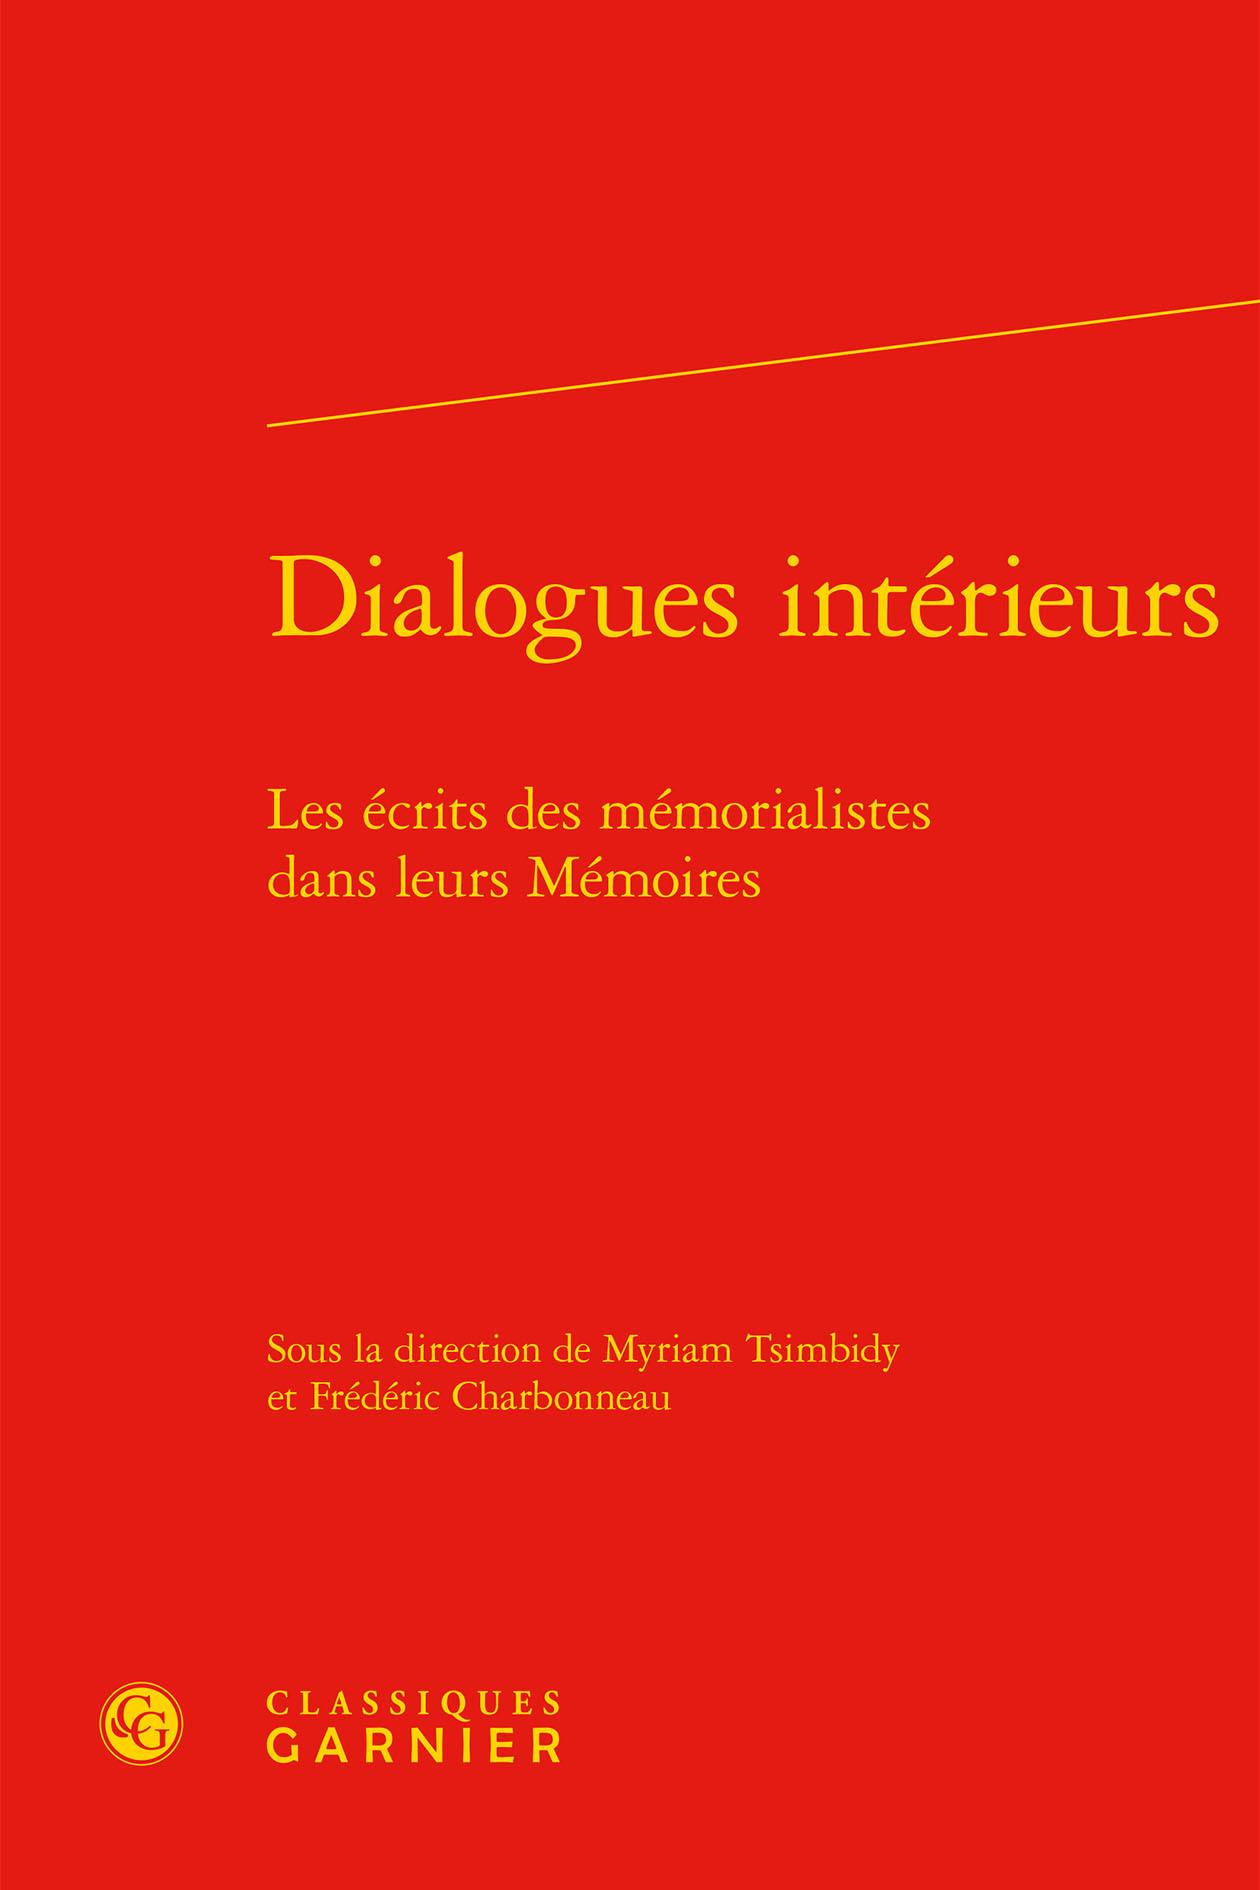 DIALOGUES INTERIEURS - LES ECRITS DES MEMORIALISTES DANS LEURS MEMOIRES